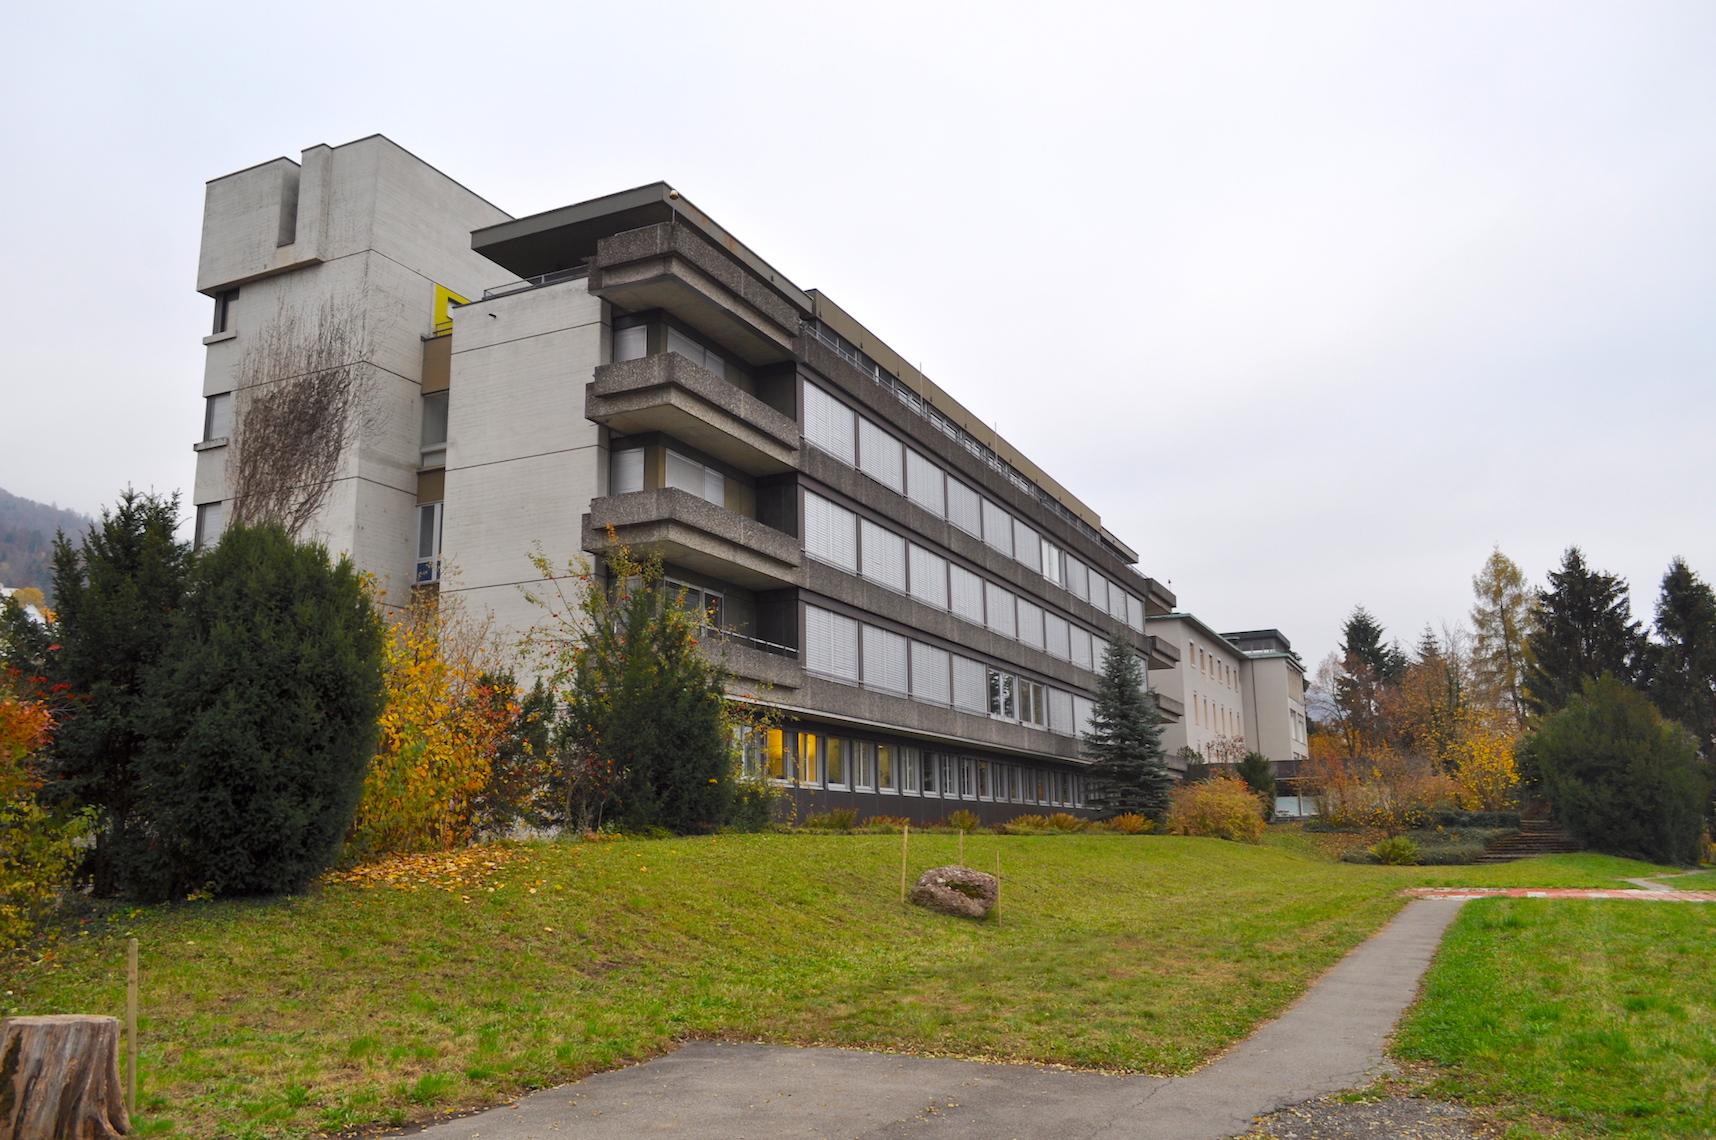 Zentral für die weitere Entwickung des alten Kantonsspitalareals in Zugs Süden: Der Trakt, für den eine attraktive öffentliche Nutzung gesucht wird – nachdem das Projekt eines neuen Kunsthauses vom Tisch ist.